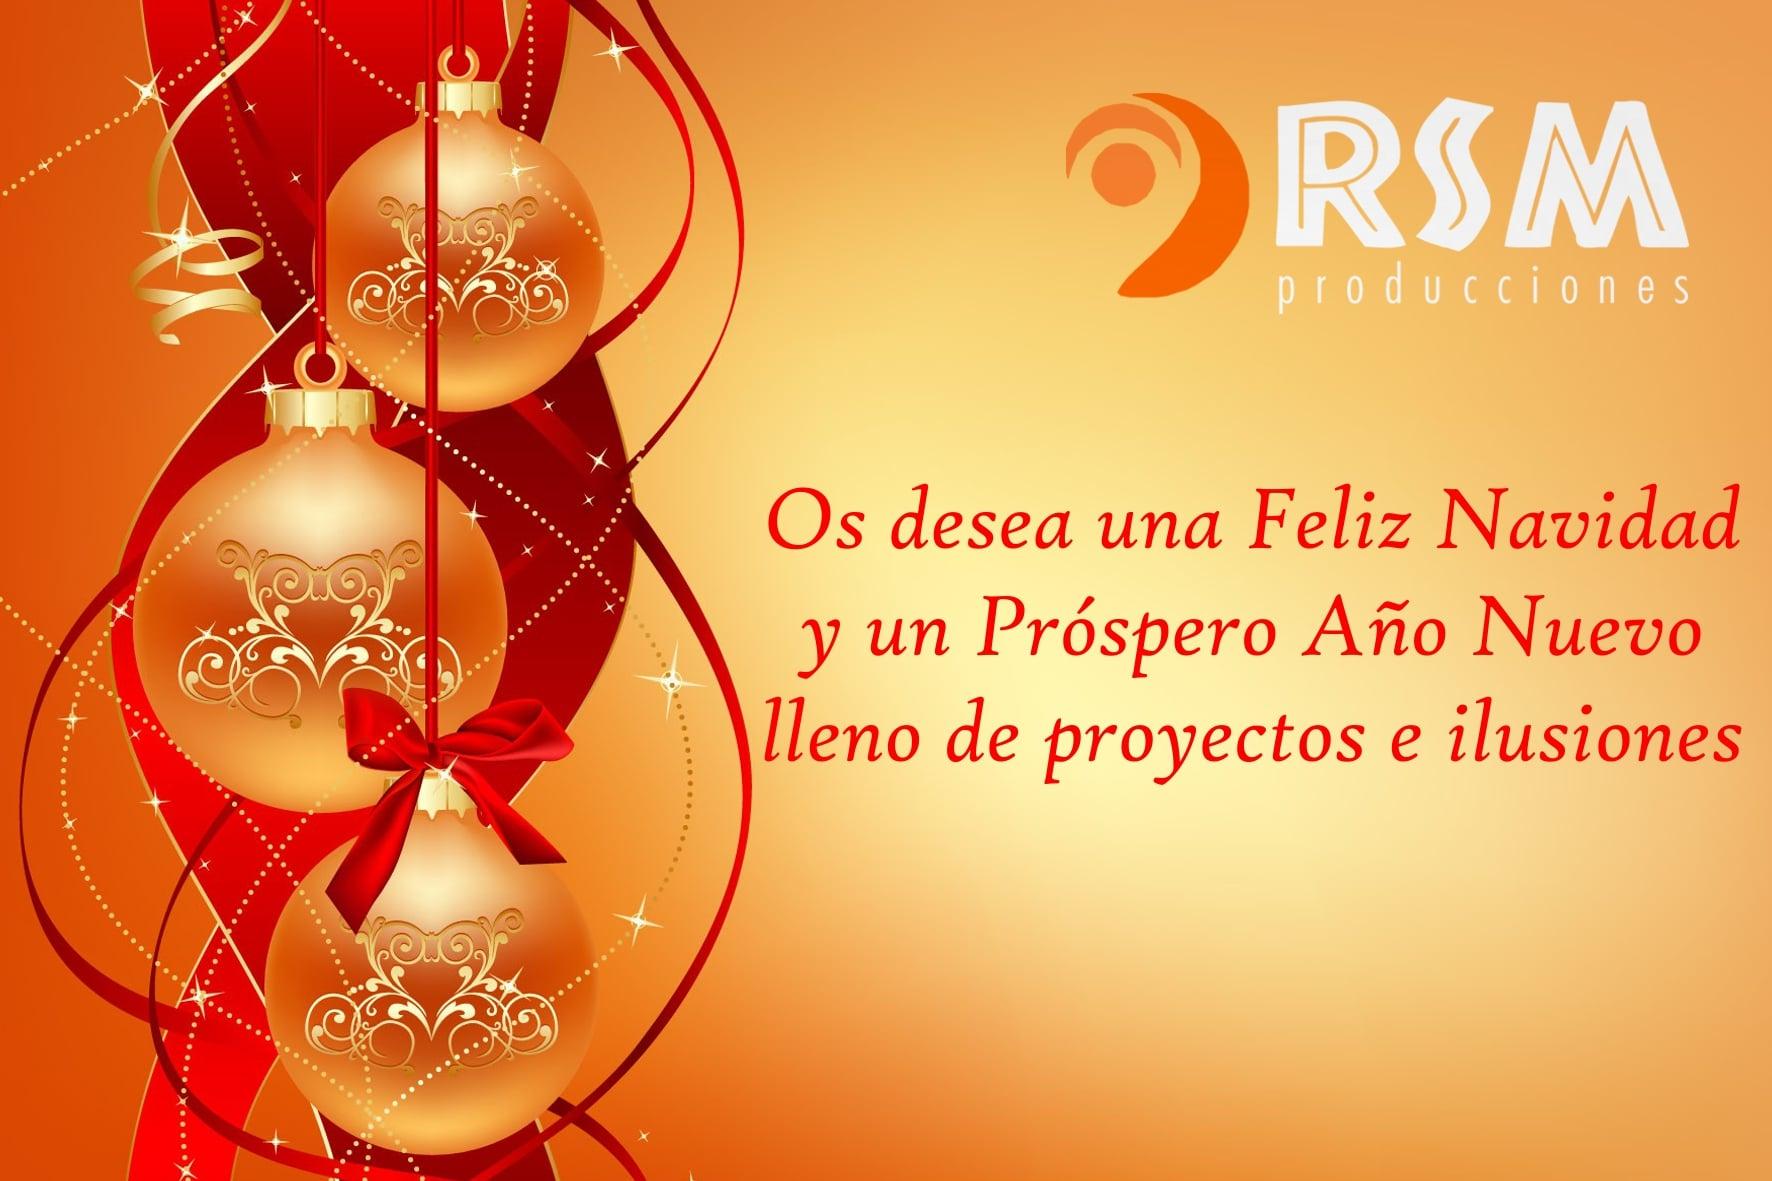 felicitación navidad rsm